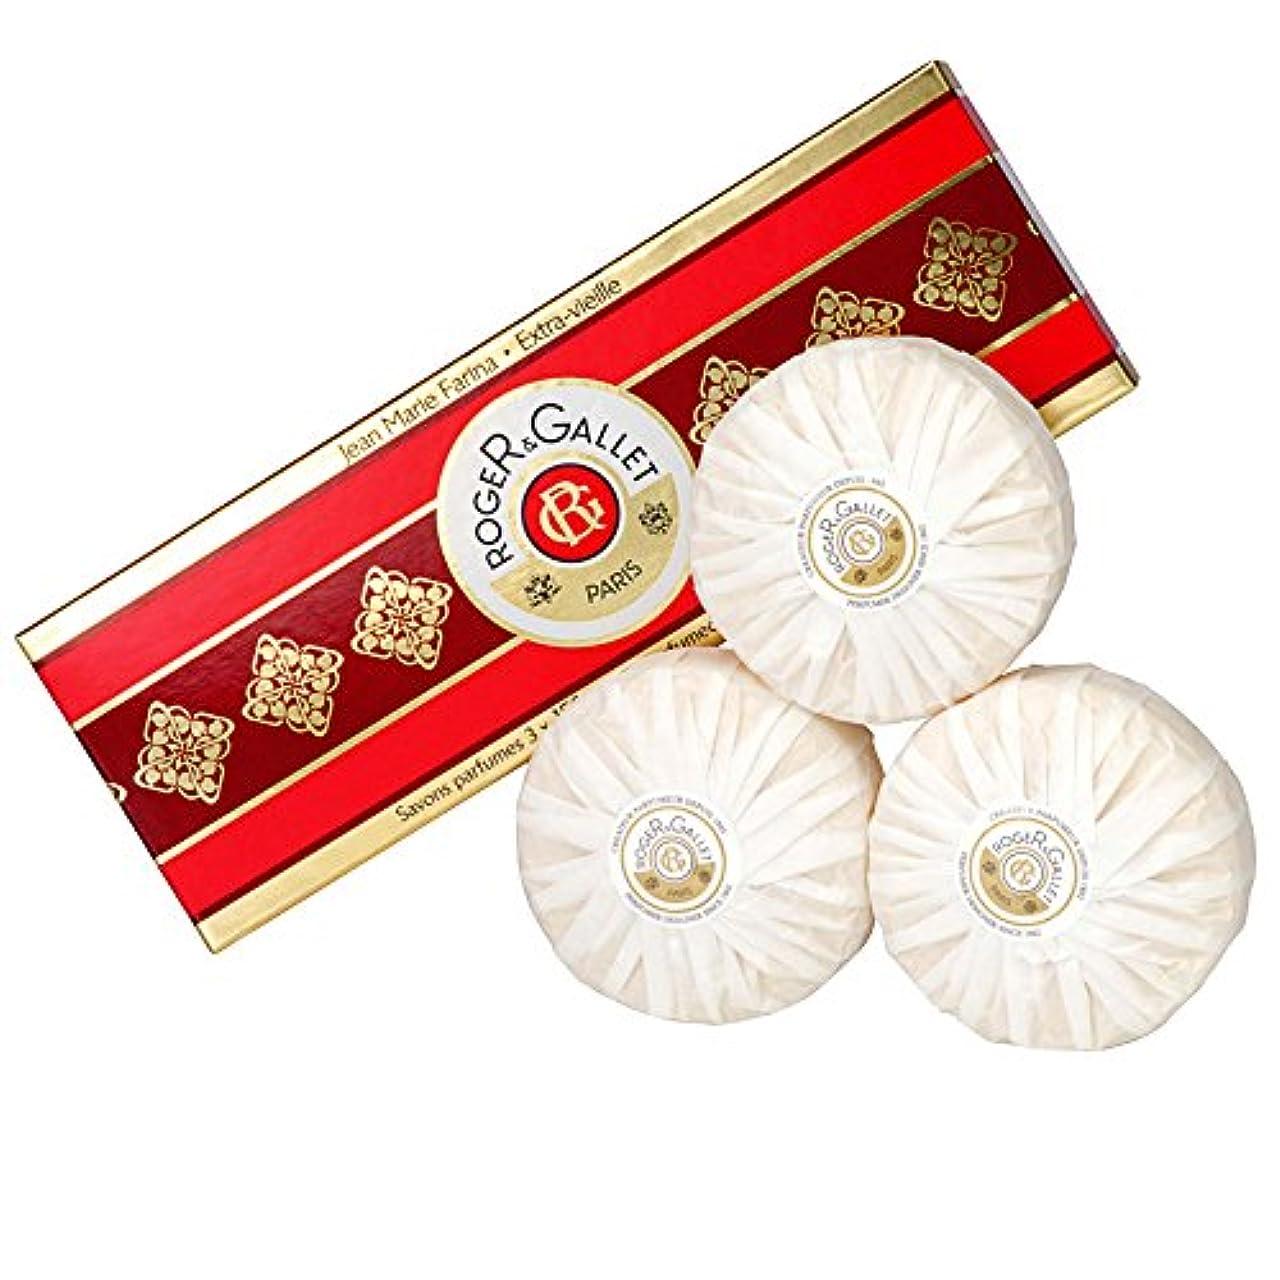 見てで出来ている鳴らすロジャー&Galletのジーンズマリーファリナ石鹸は、3つのX 100グラムを設定しました (Roger & Gallet) (x2) - Roger & Gallet Jean Marie Farina Soap Set 3 x 100g (Pack of 2) [並行輸入品]